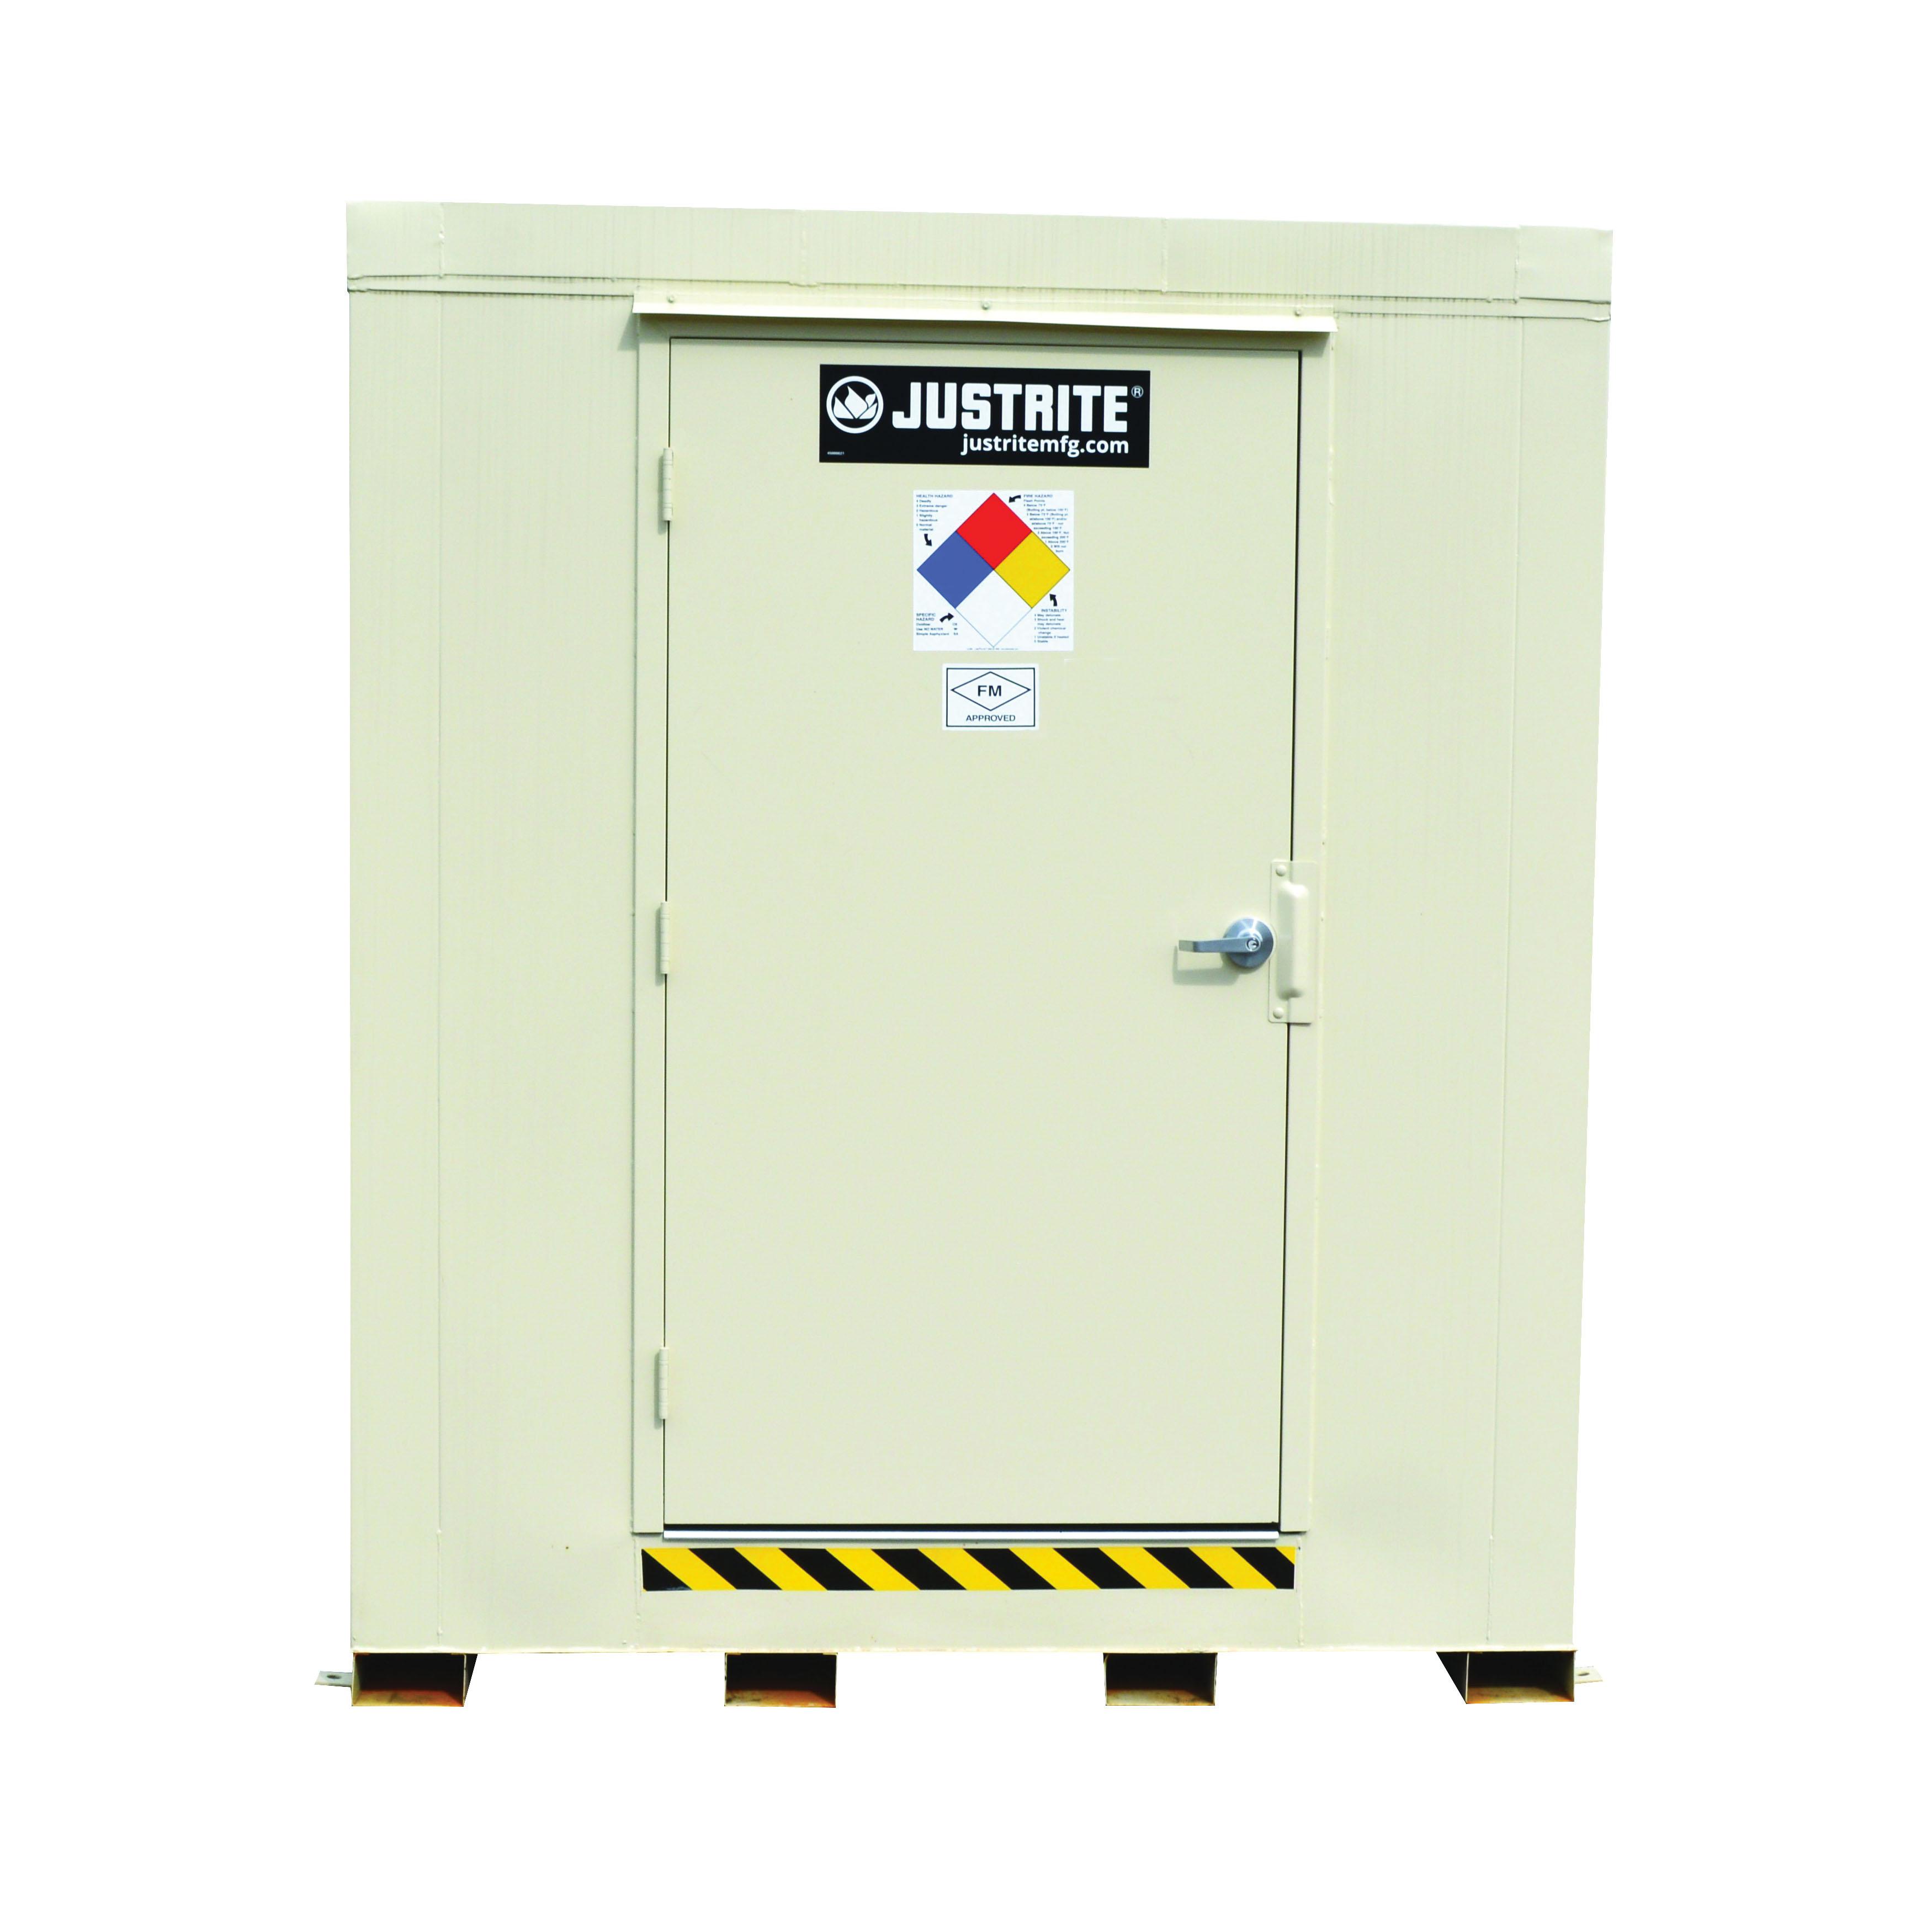 Justrite® 912090 Outdoor Safety Locker, 2 hr Fire Rating, 97 in H x 88 in W x 88 in D, Fire-Rated Door, 1 Doors, Heavy Gauge Steel, Bone